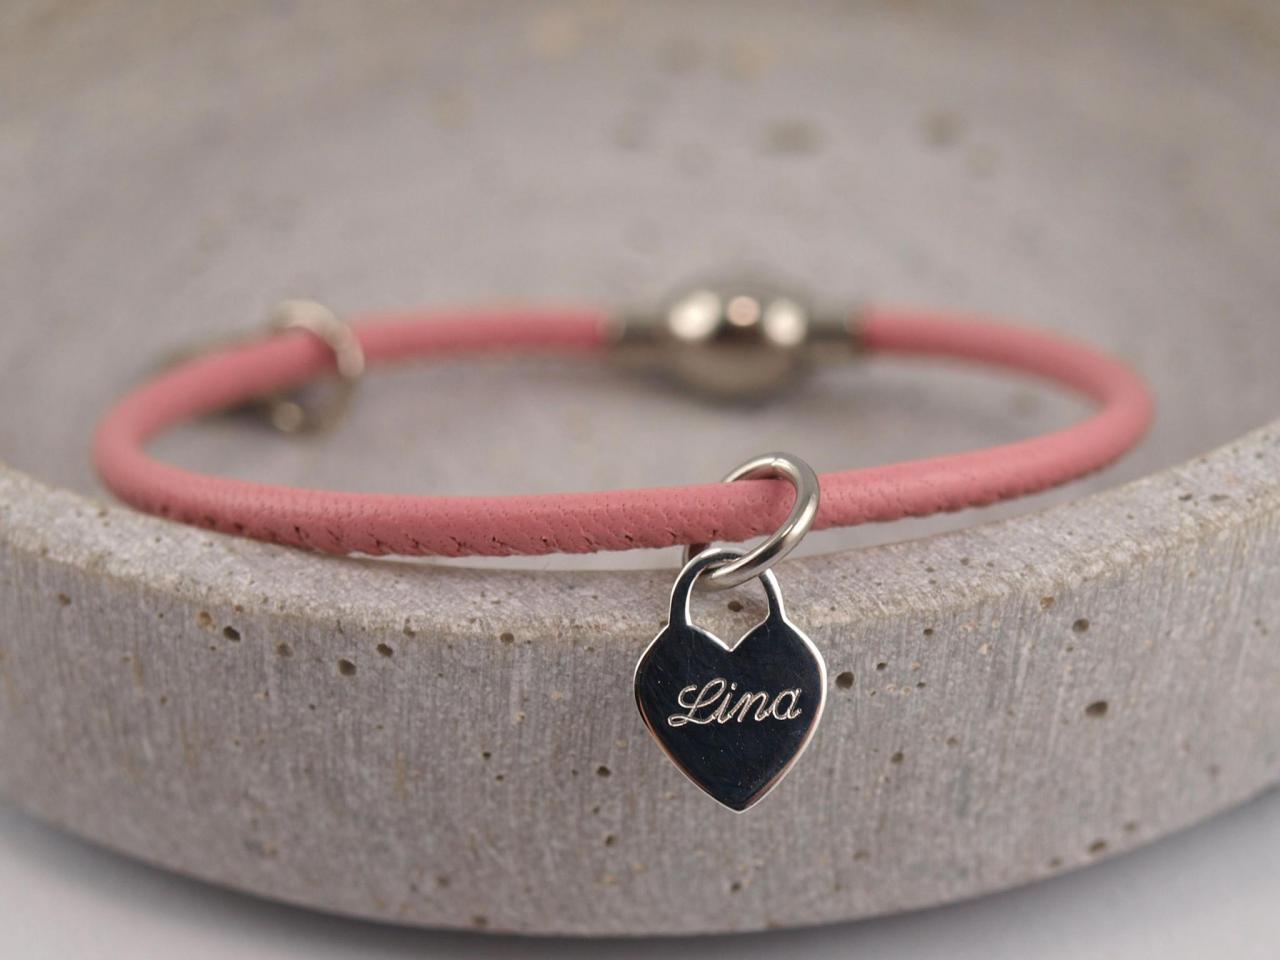 Ella Filigranes Lederarmband mit Gravur Herz persoenliche Geschenkidee Nappaleder rosa